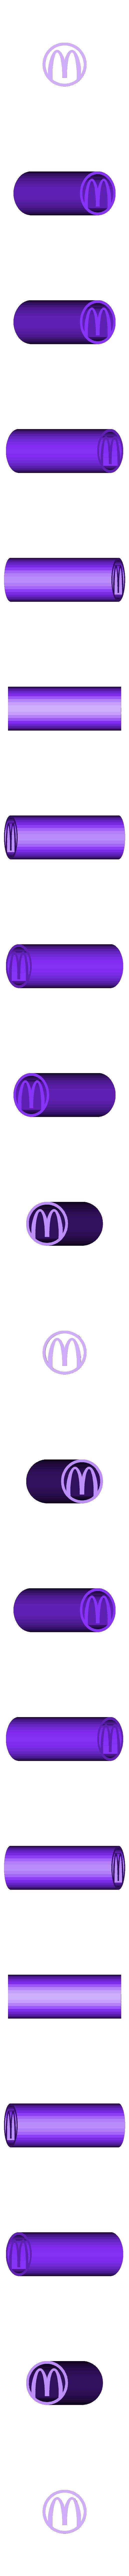 Mcdonalds.STL Télécharger fichier STL 36 CONSEILS SUR LES FILTRES À MAUVAISES HERBES VOL.1+2+3+4 • Design pour impression 3D, SnakeCreations